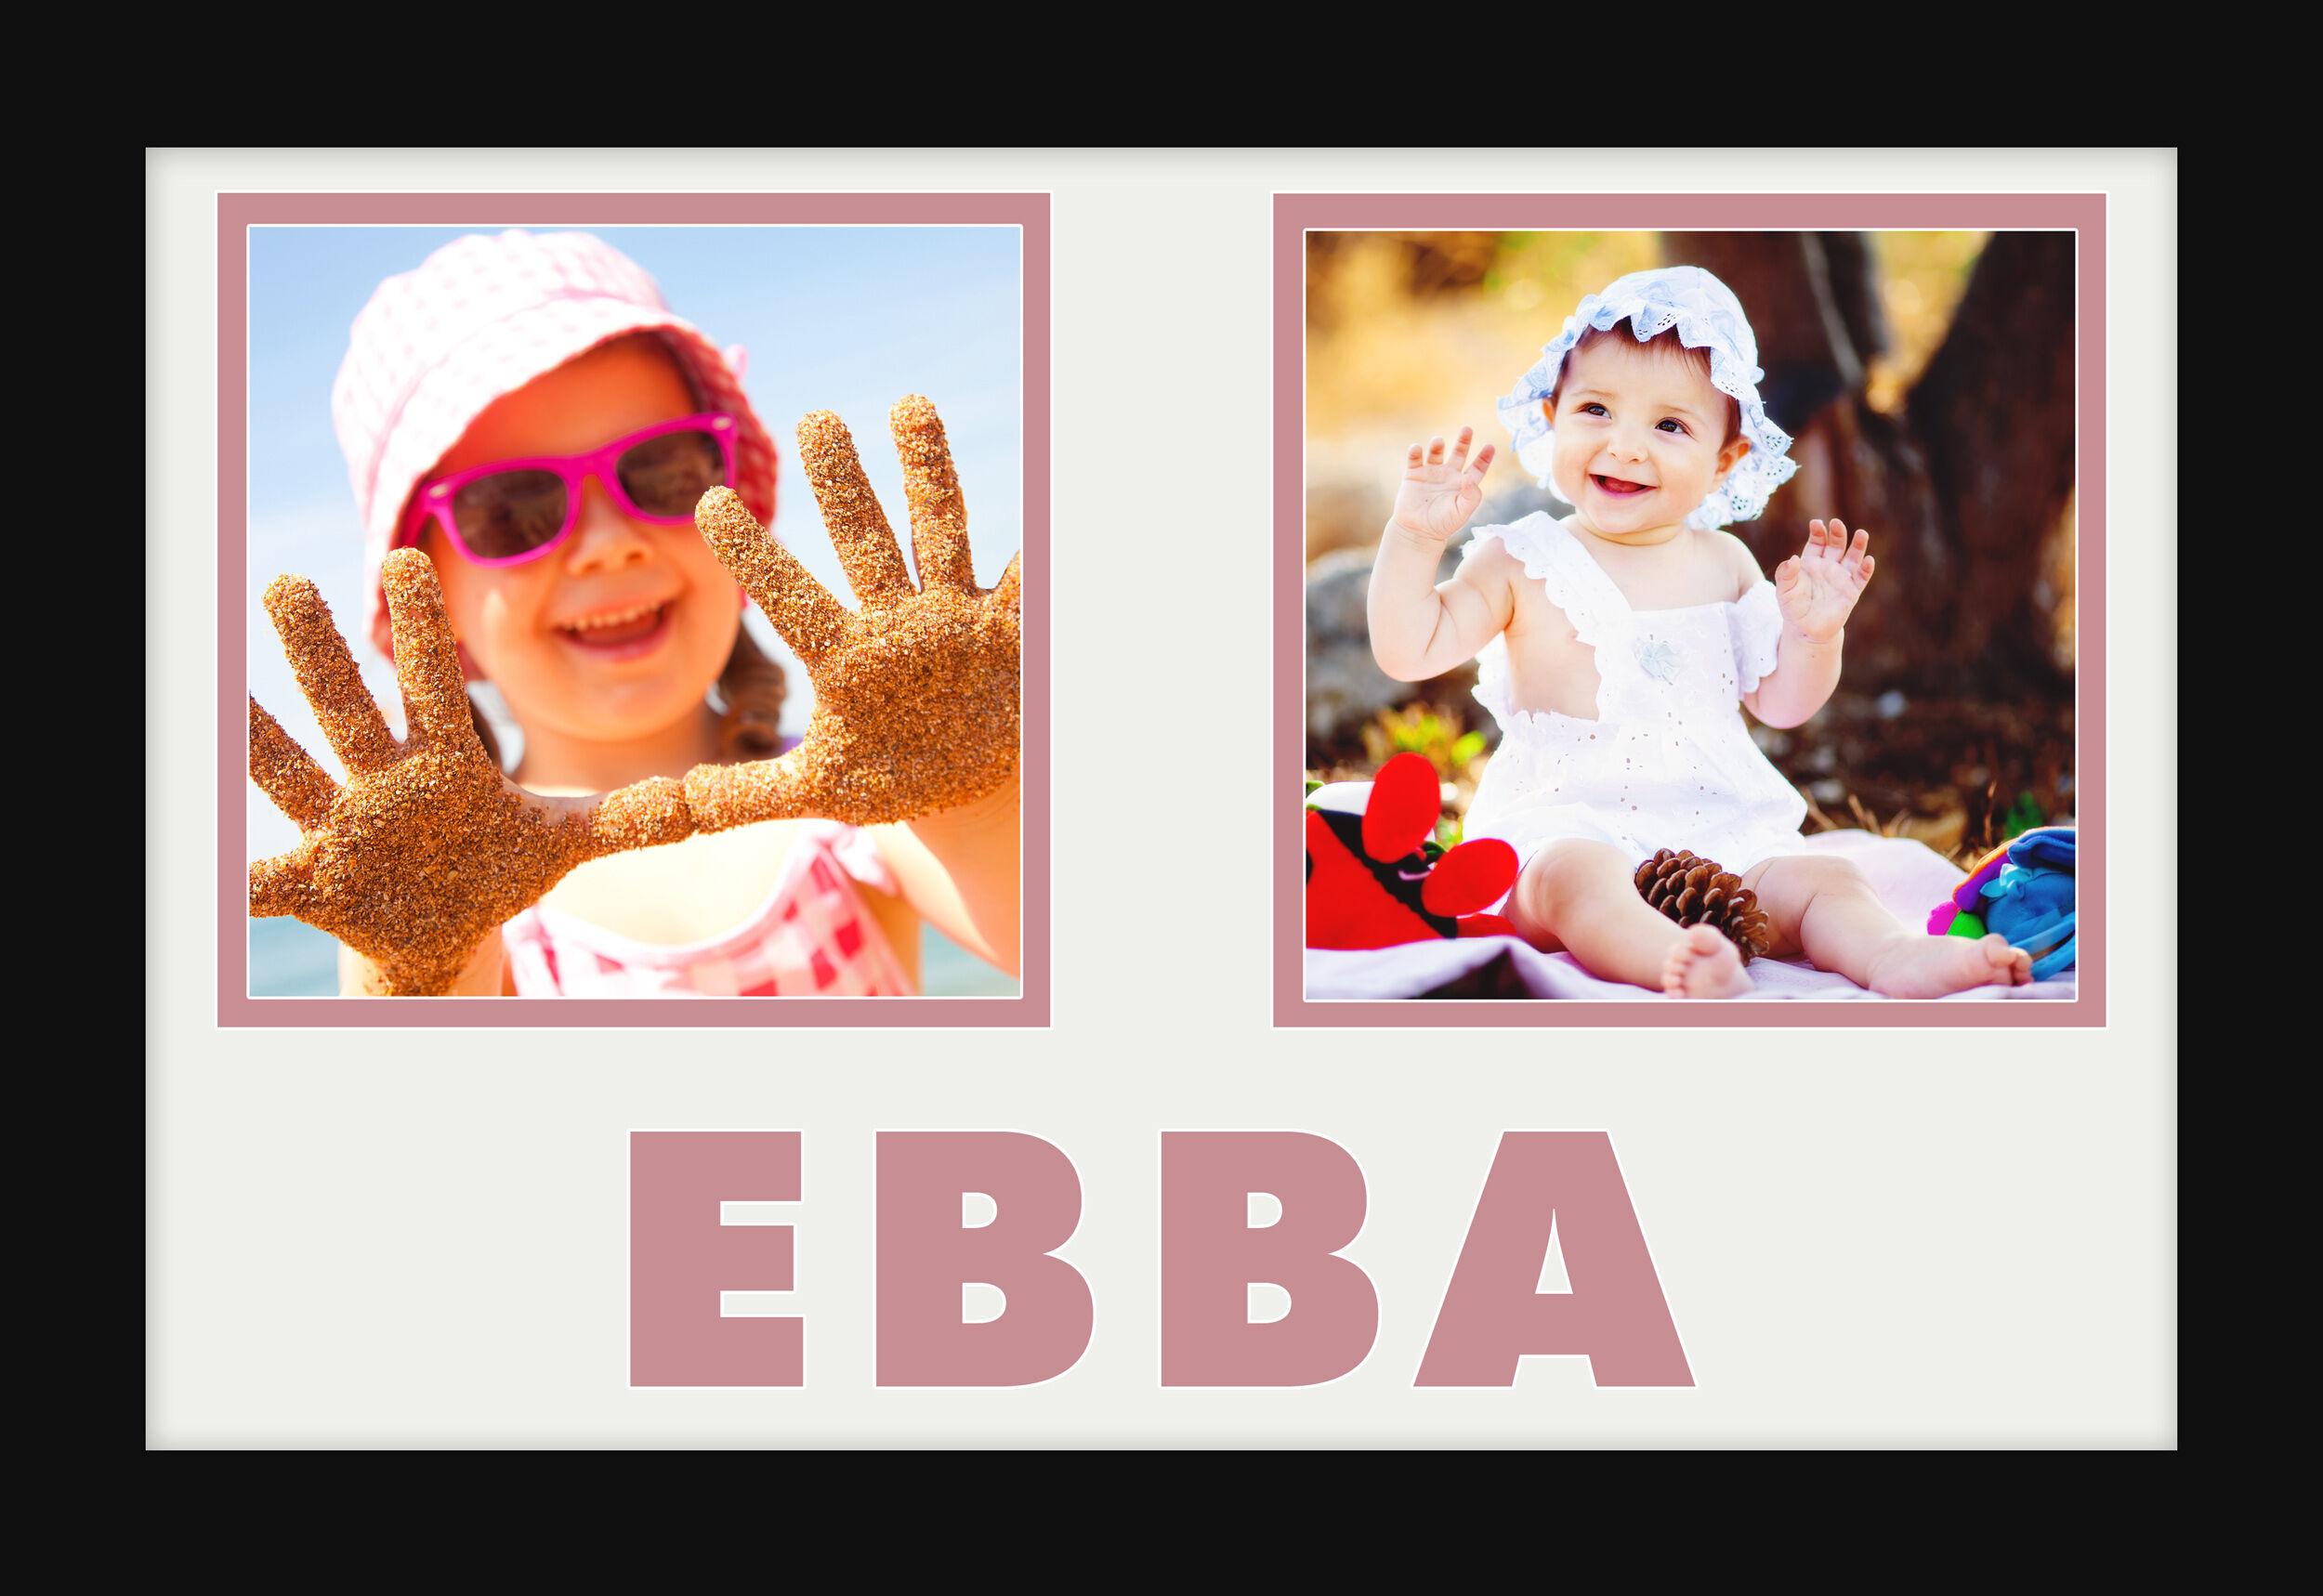 Design by BGA Ebba - 2 Kuvalle